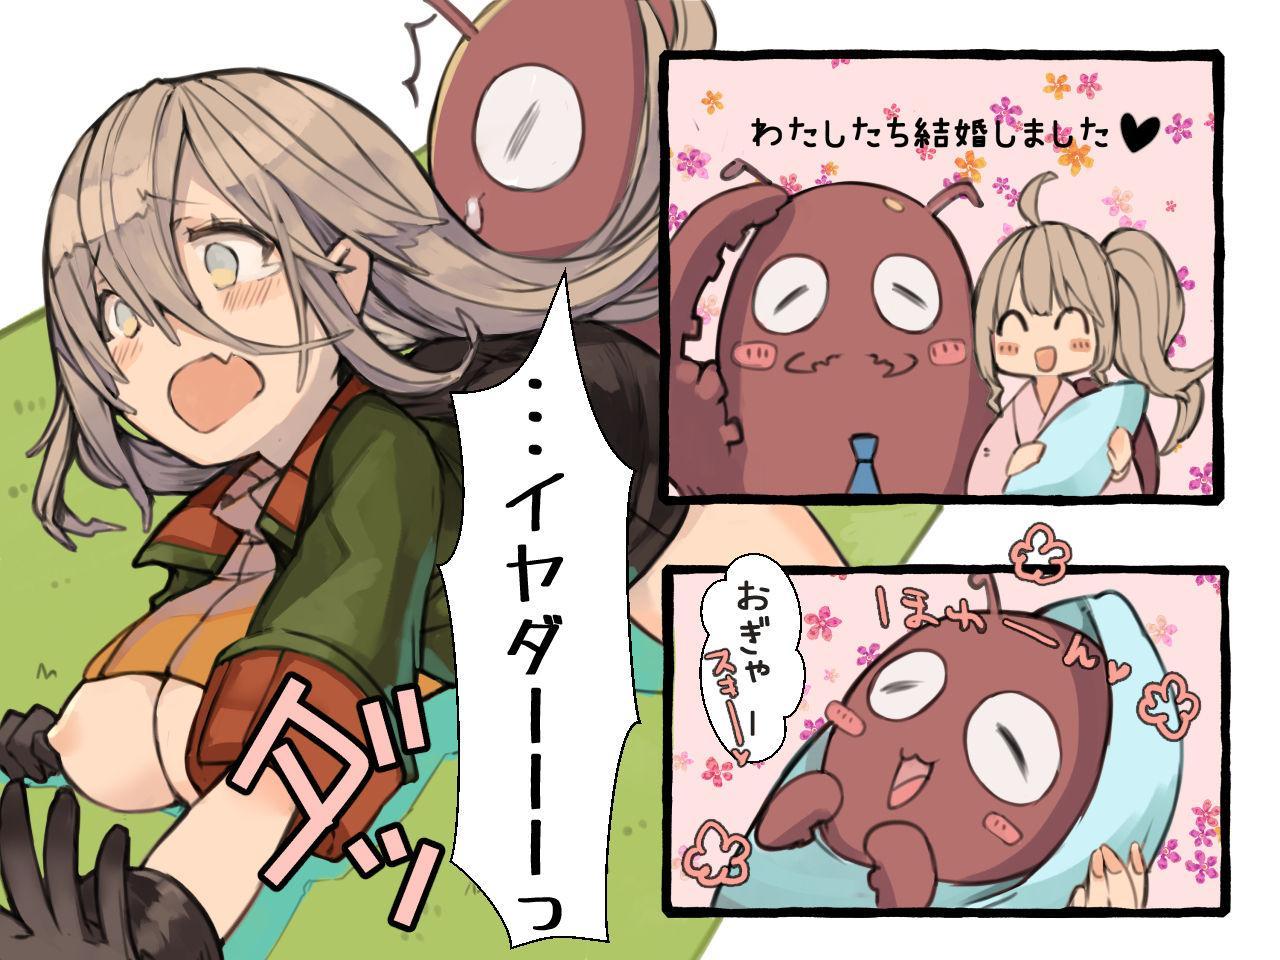 Creature ni Sukisuki H Sarechau Hunter LV1 13